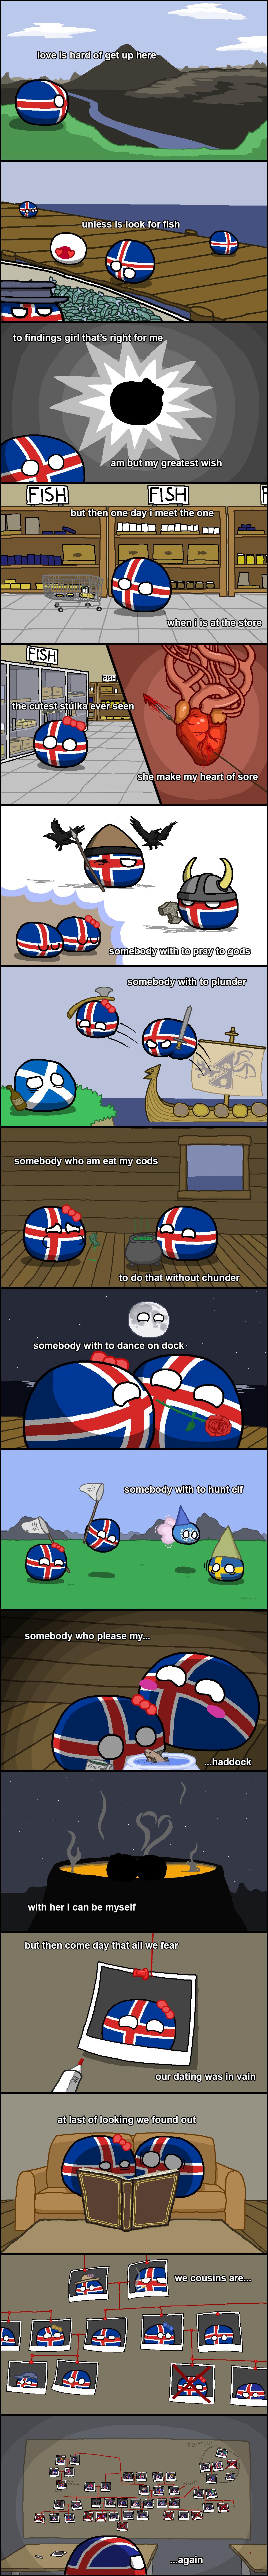 Icelandic love